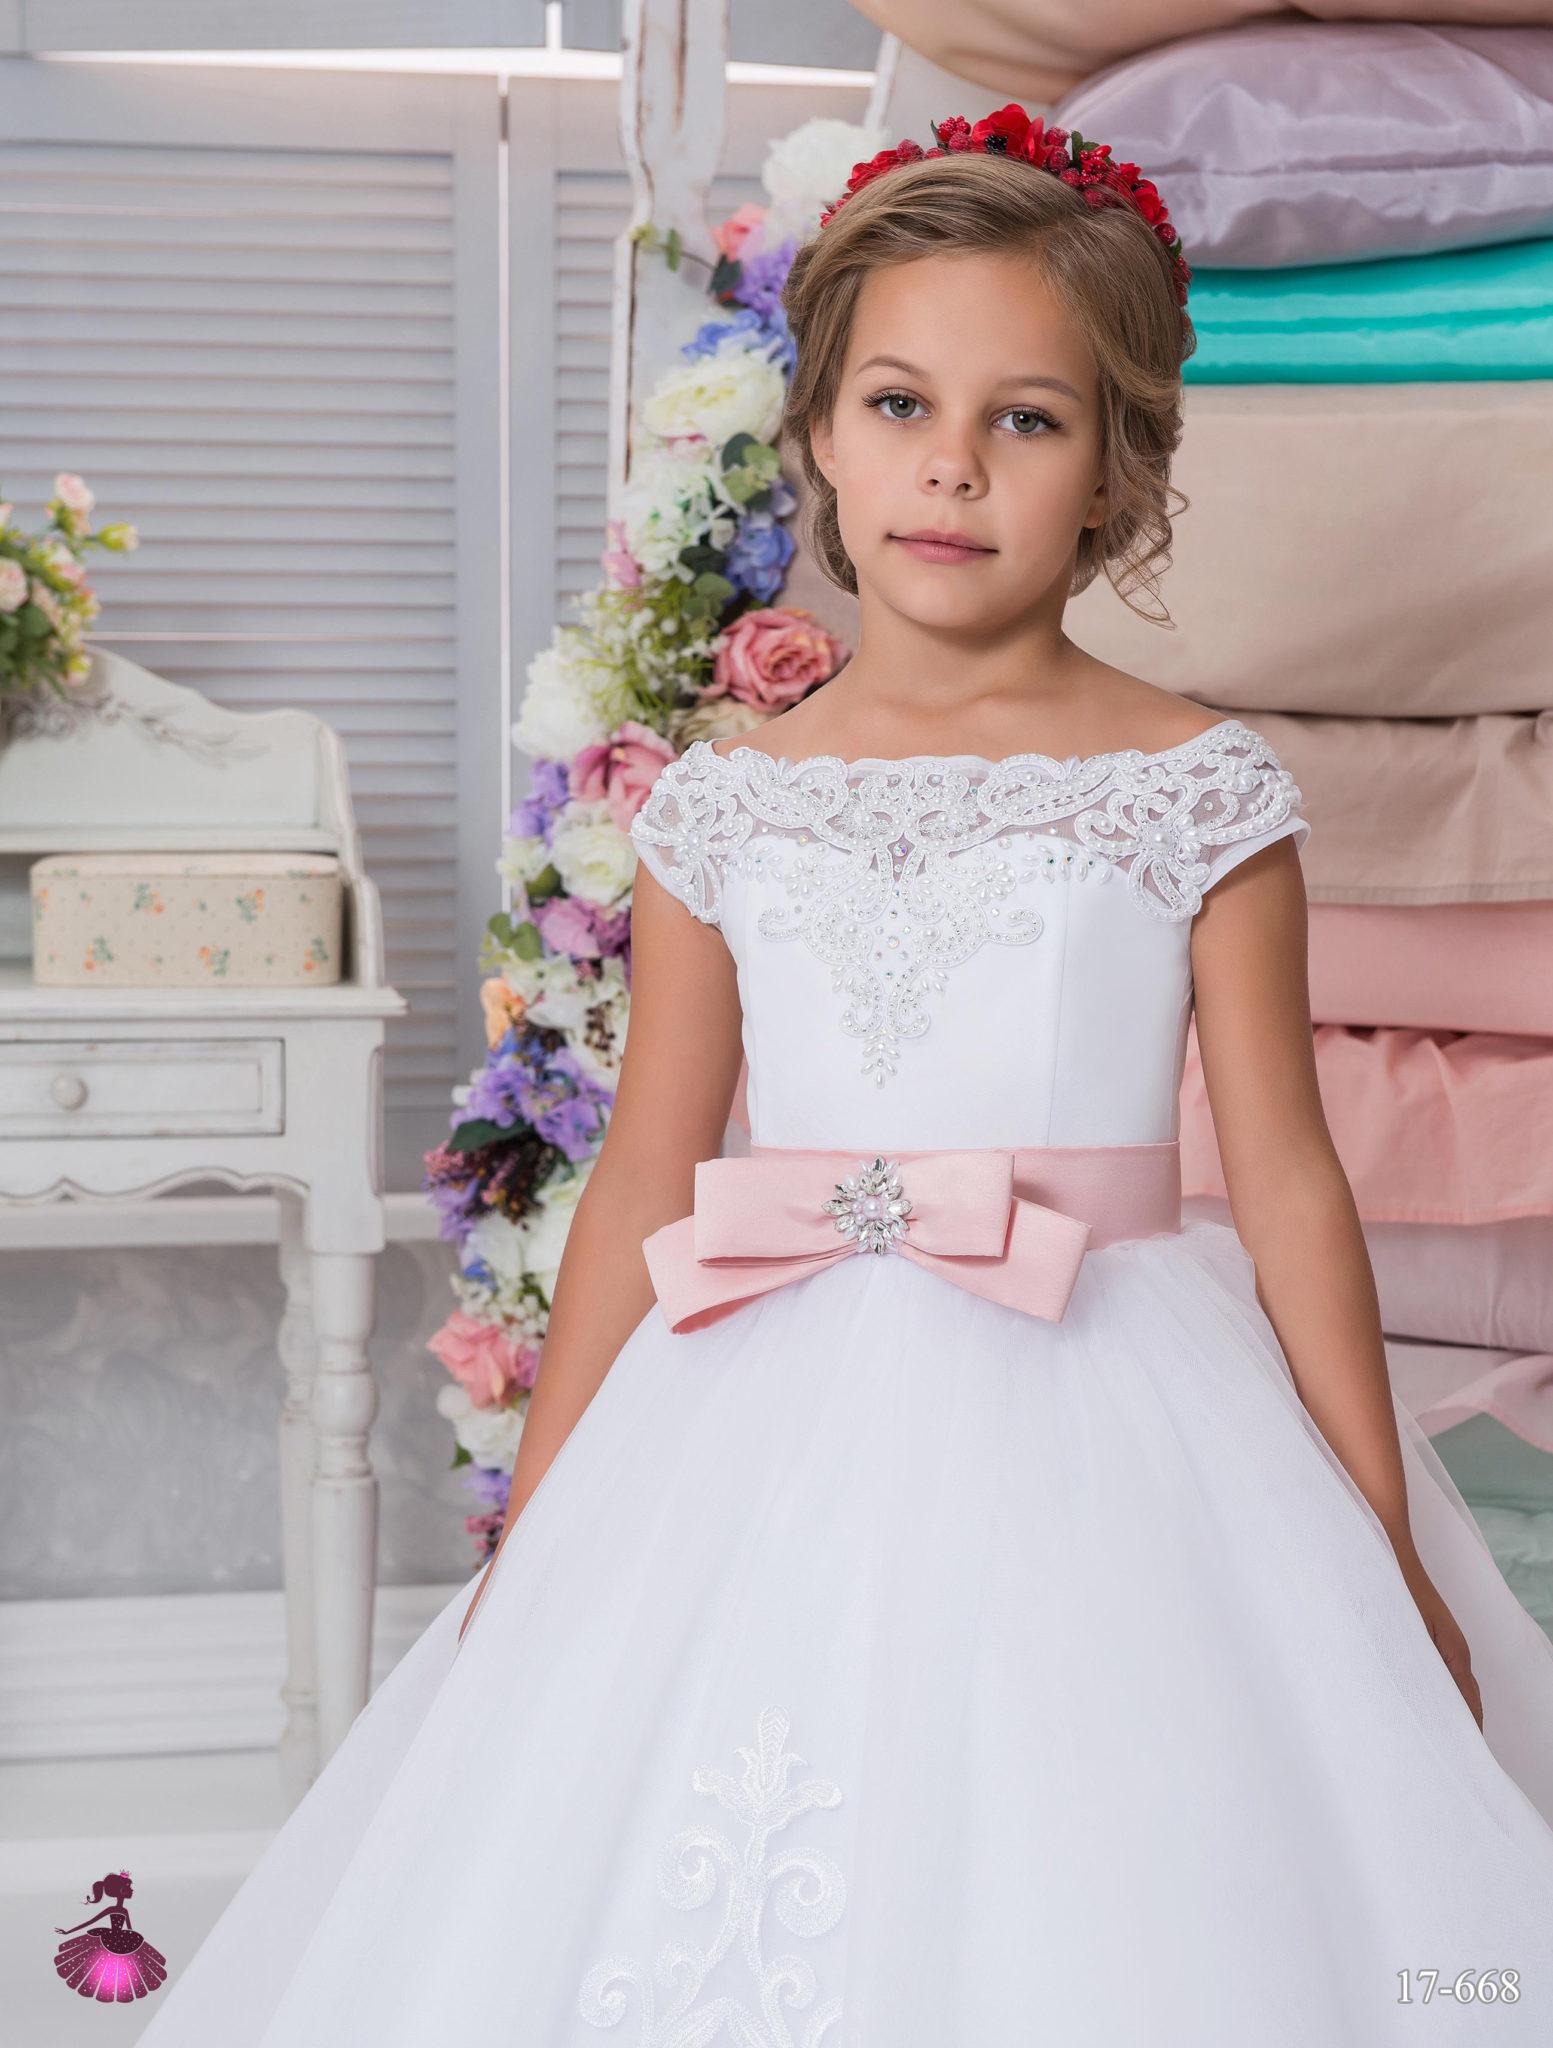 Аренда платьев Little queen dress в фотостудии Frontpage 17-668 01